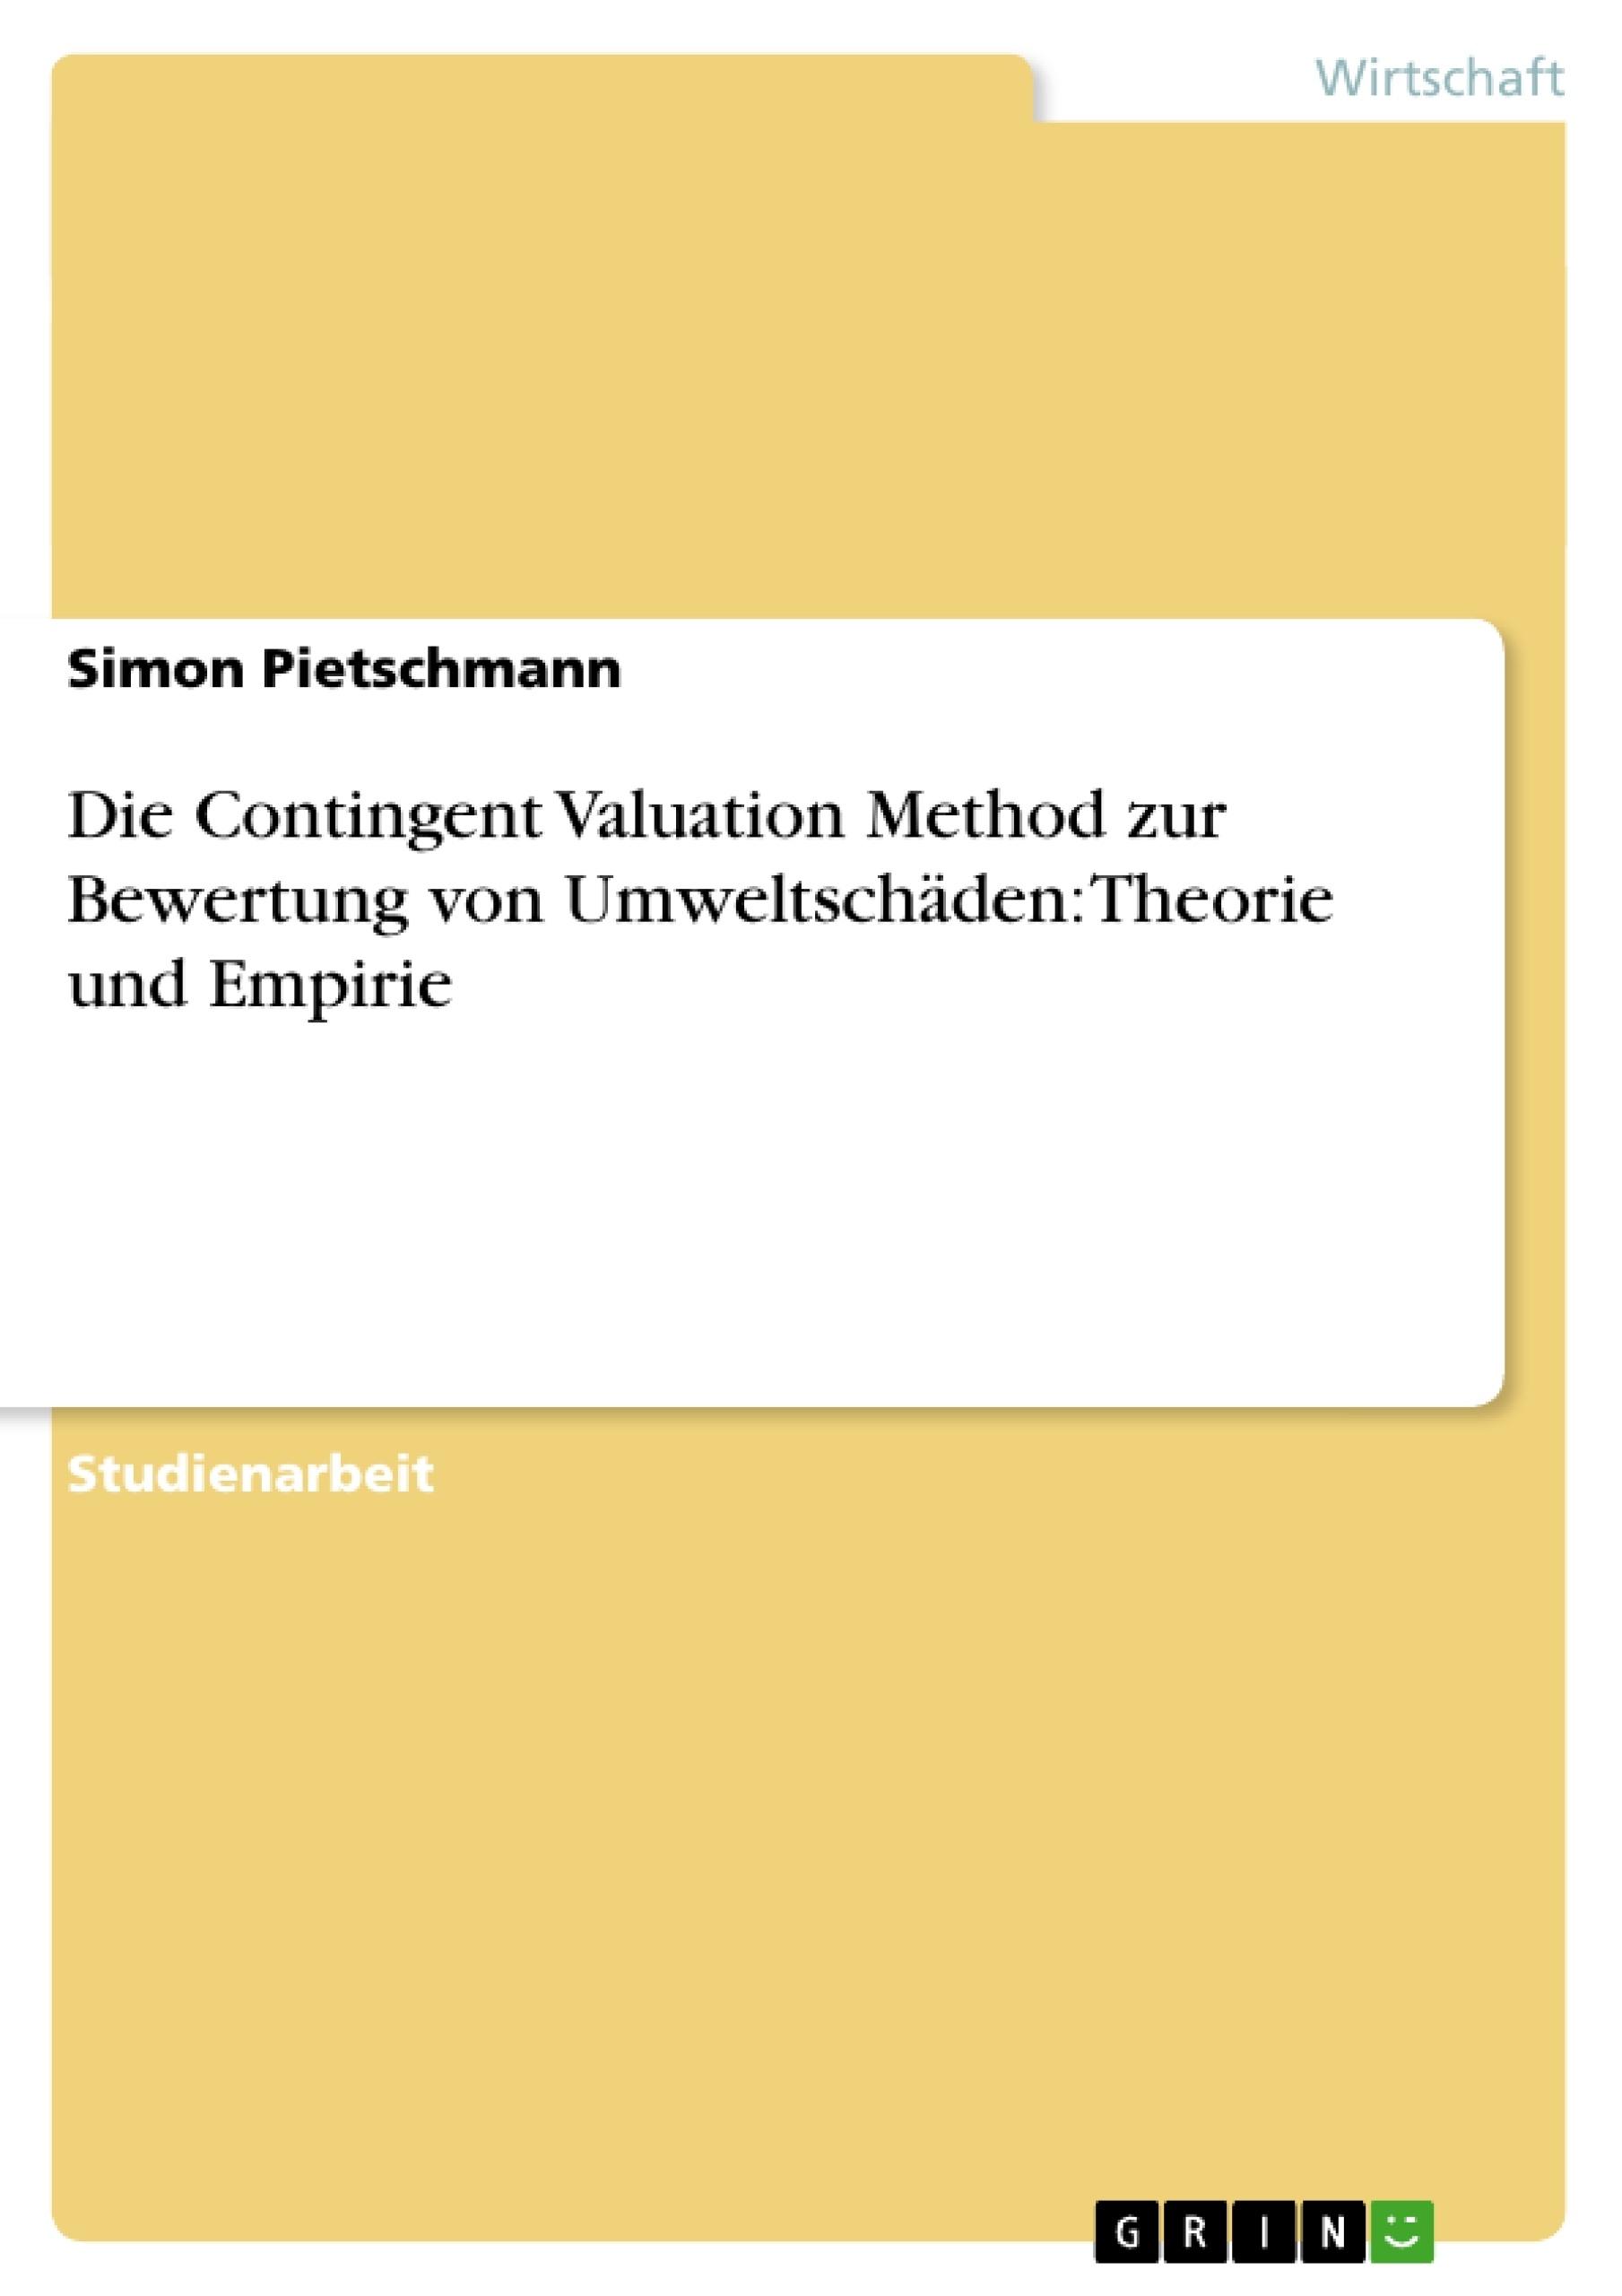 Titel: Die Contingent Valuation Method zur Bewertung von Umweltschäden: Theorie und Empirie